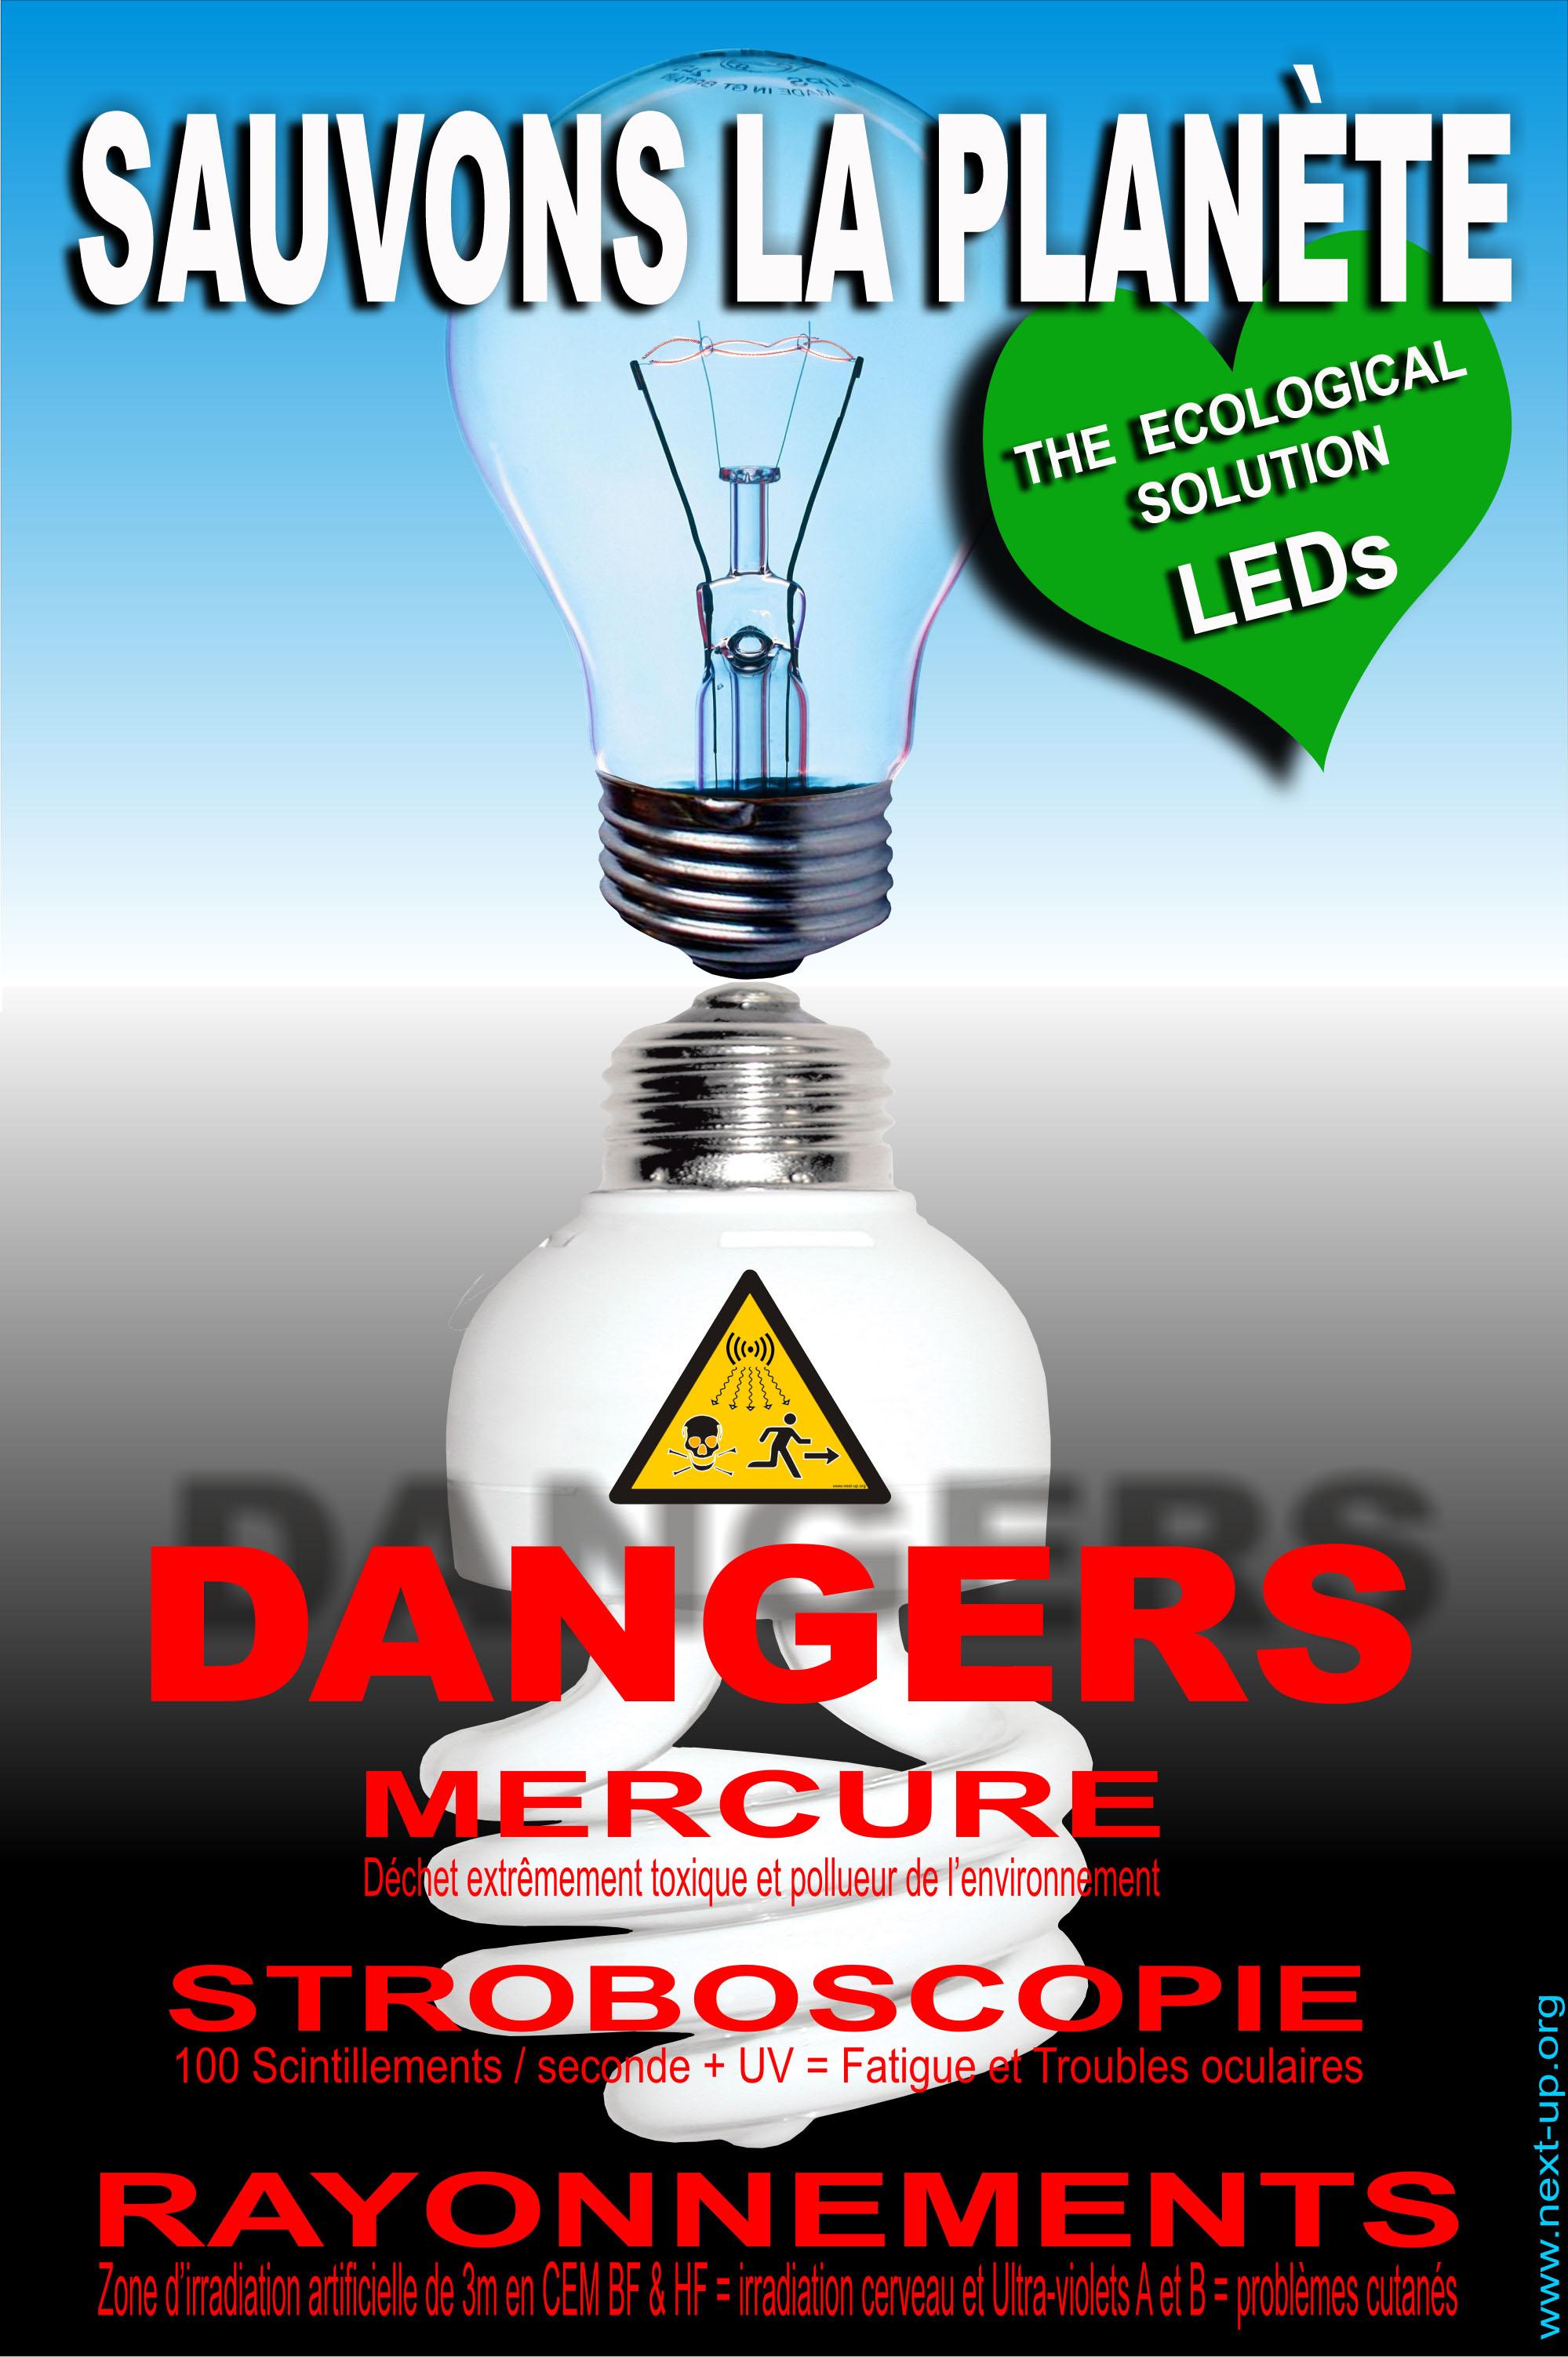 Lampe fluo compacte lampe basse consommation led - Les lampes led sont elles dangereuses pour la sante ...